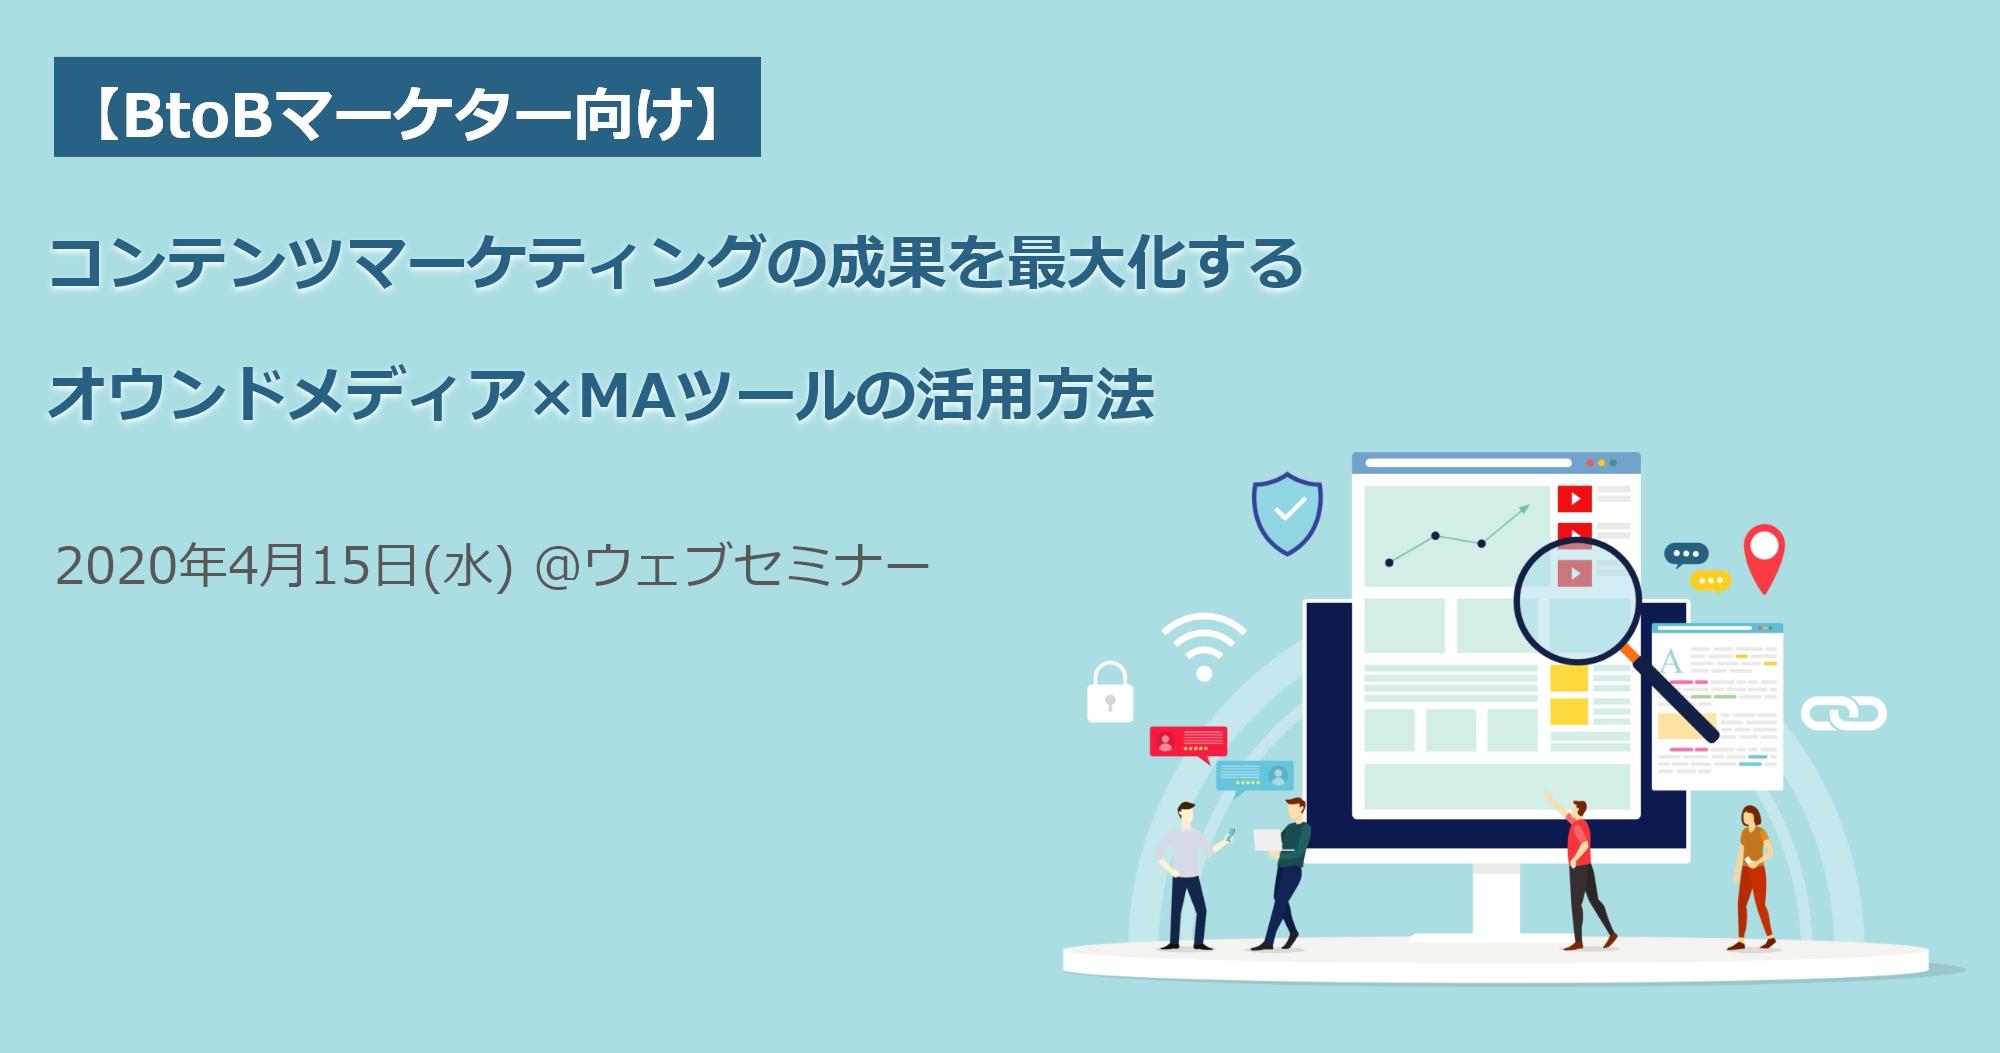 【4月15日(水)】[BtoBマーケター向け]コンテンツマーケティングの成果を最大化するオウンドメディア×MAツールの活用方法